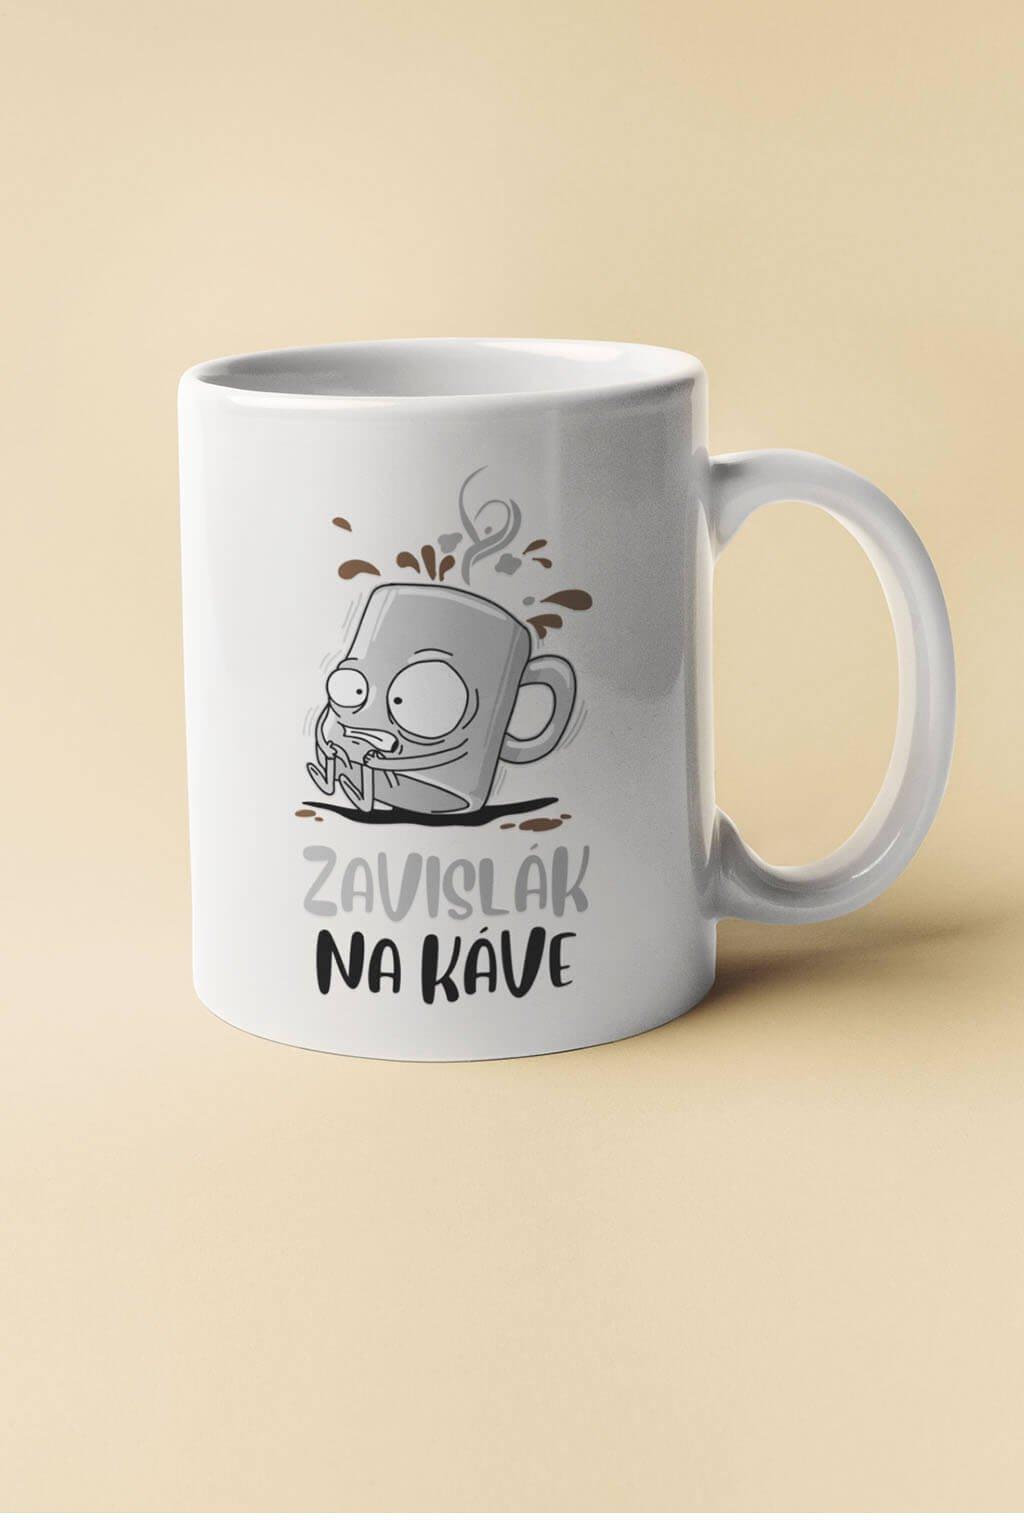 Šálka zavislák na káve